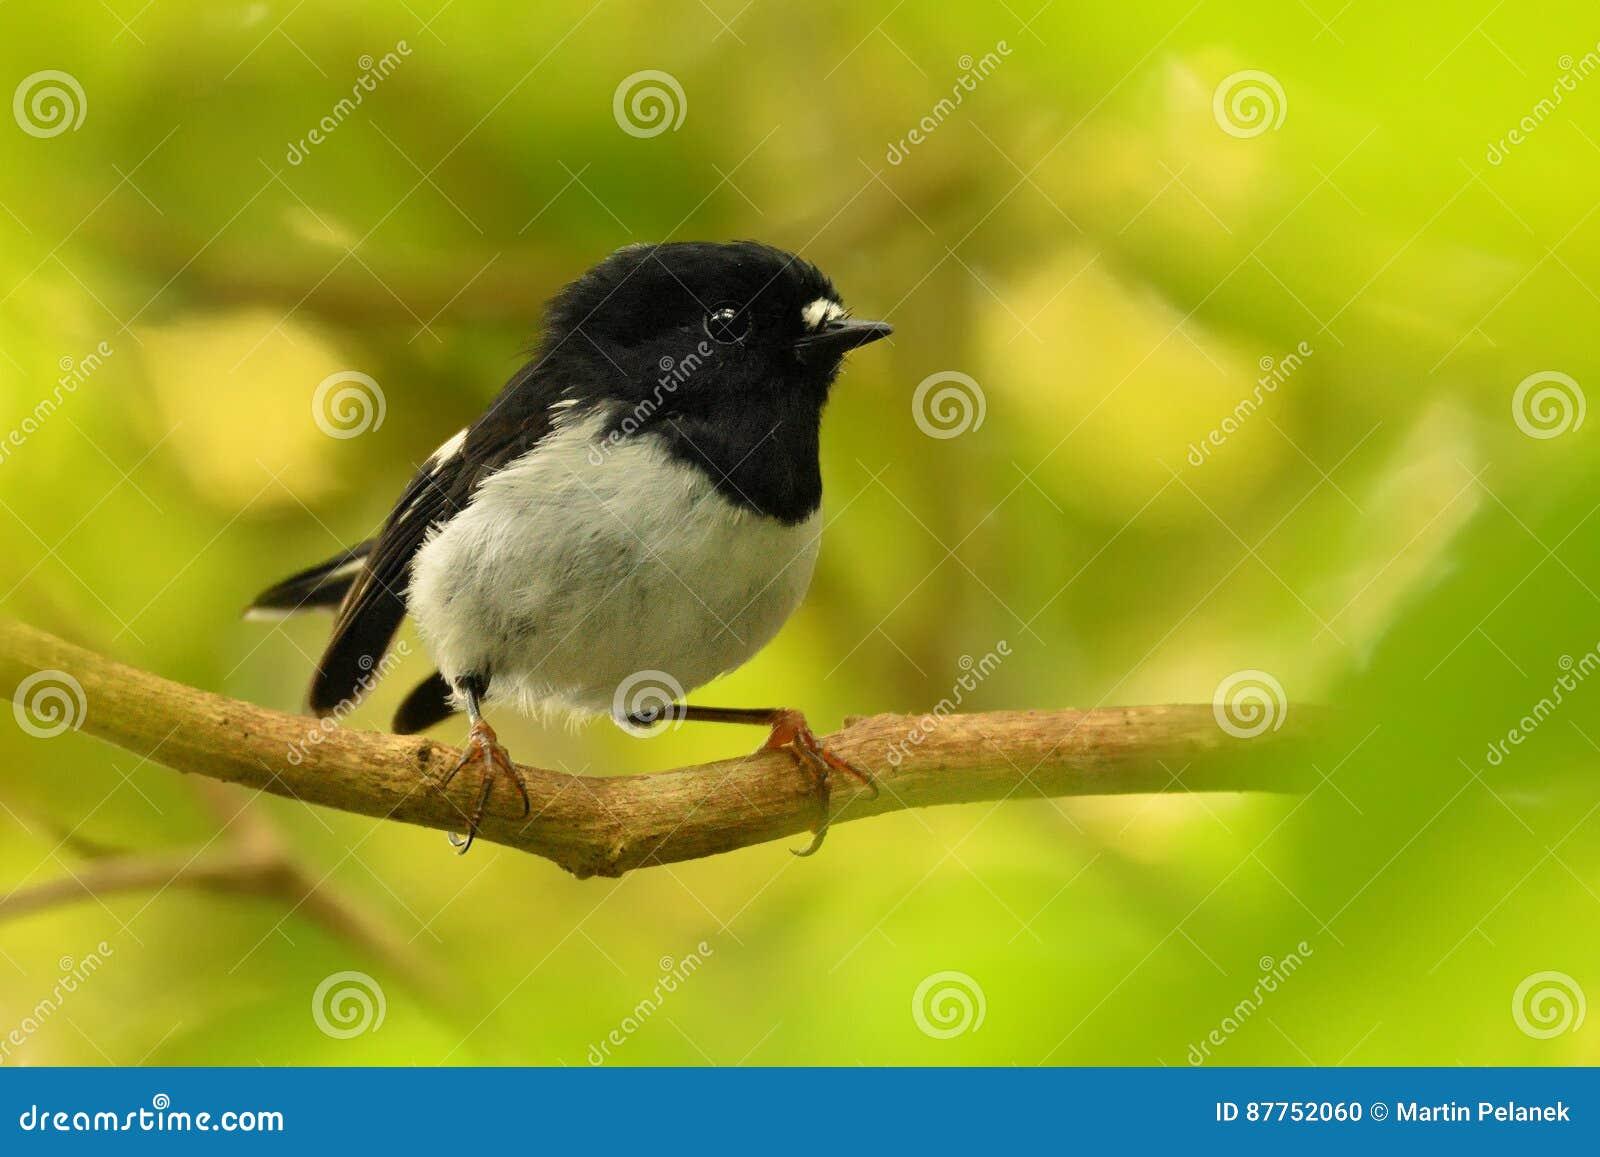 Toitoi del macrocephala de Petroica - isla del norte Tomtit - miromiro - pájaro endémico del bosque de Nueva Zelanda